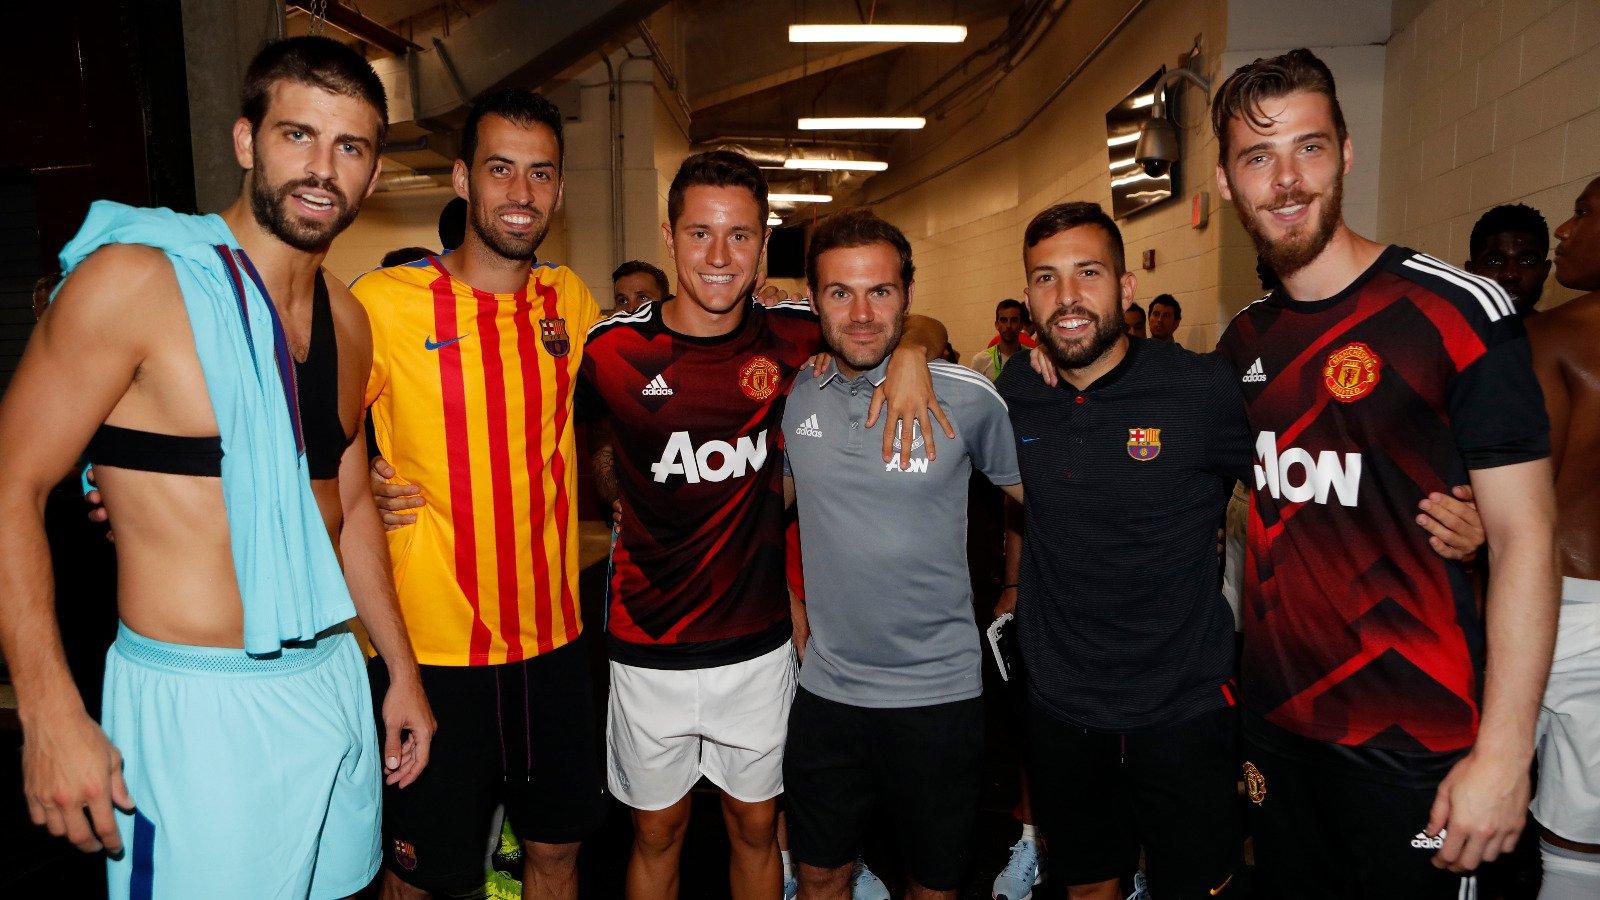 A quarterfinal between old friends ⚽�� #MUFCBarça https://t.co/02Iu6ghJKt